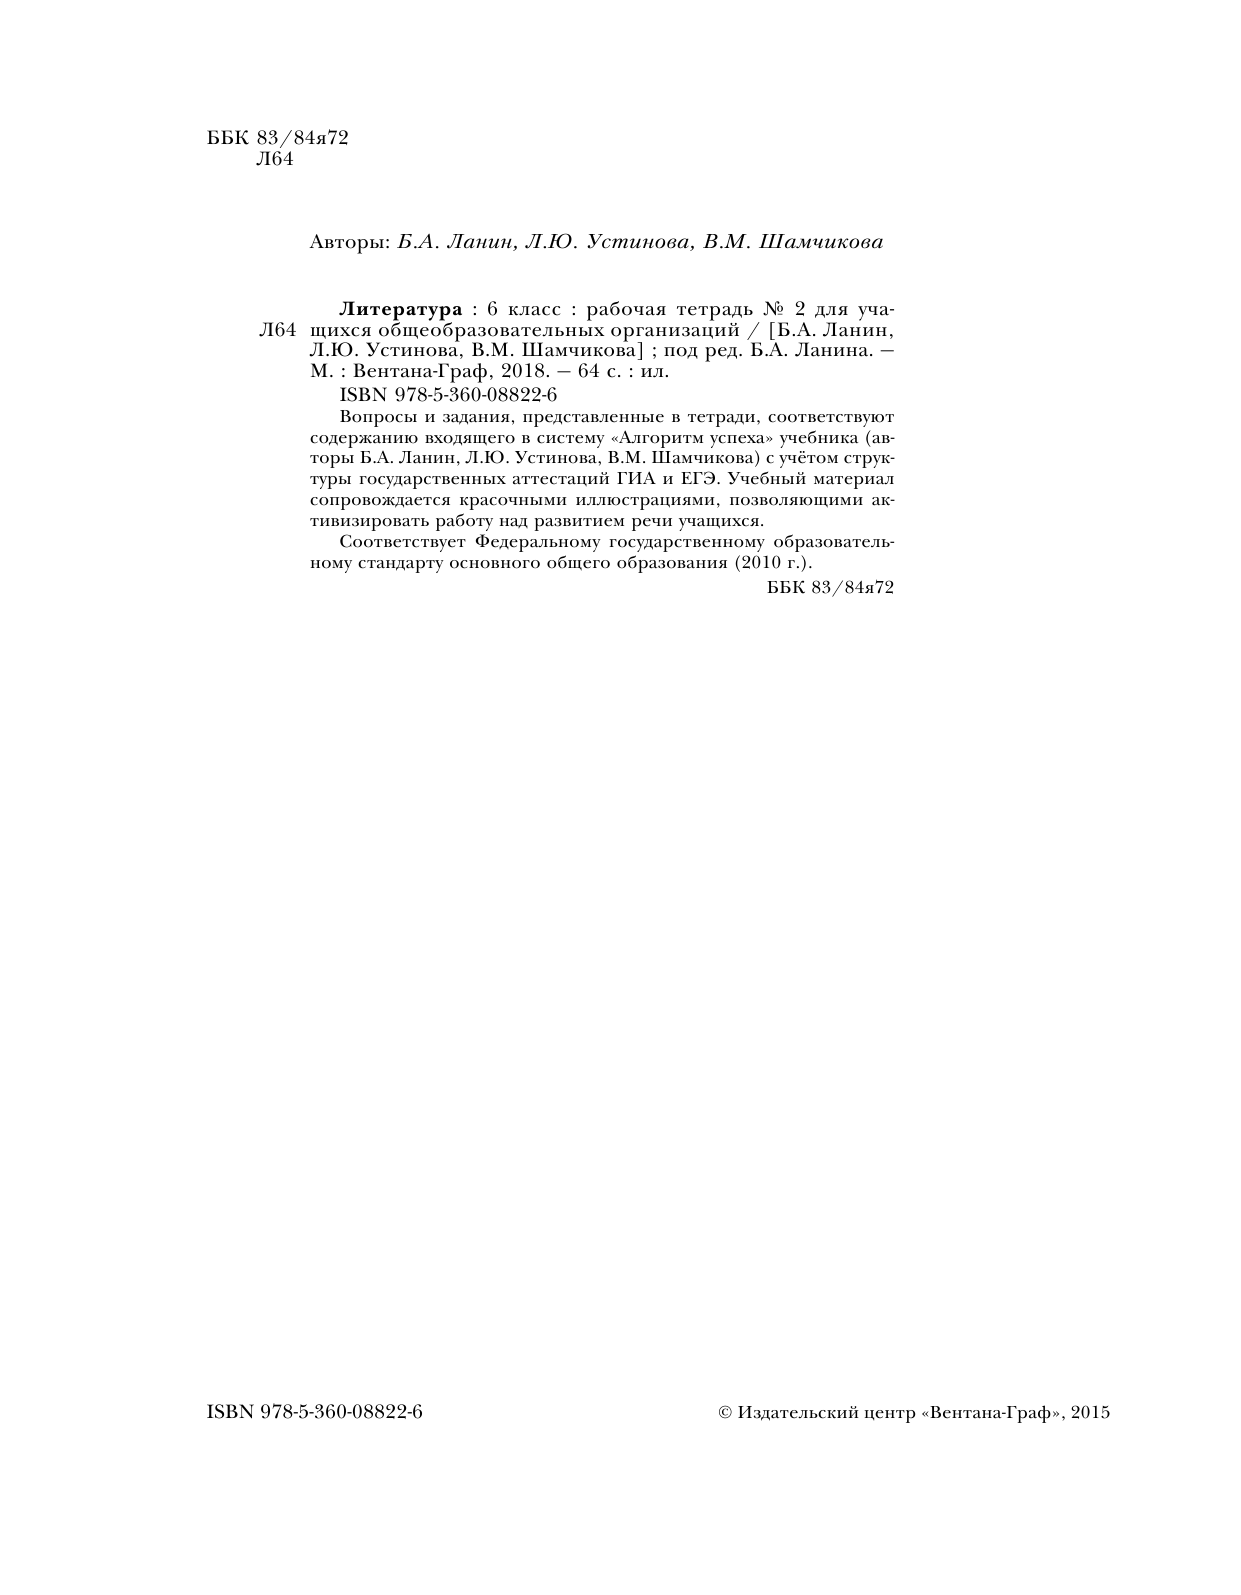 гдз по литературе 6 класс ланин устинова шамчикова 2 часть